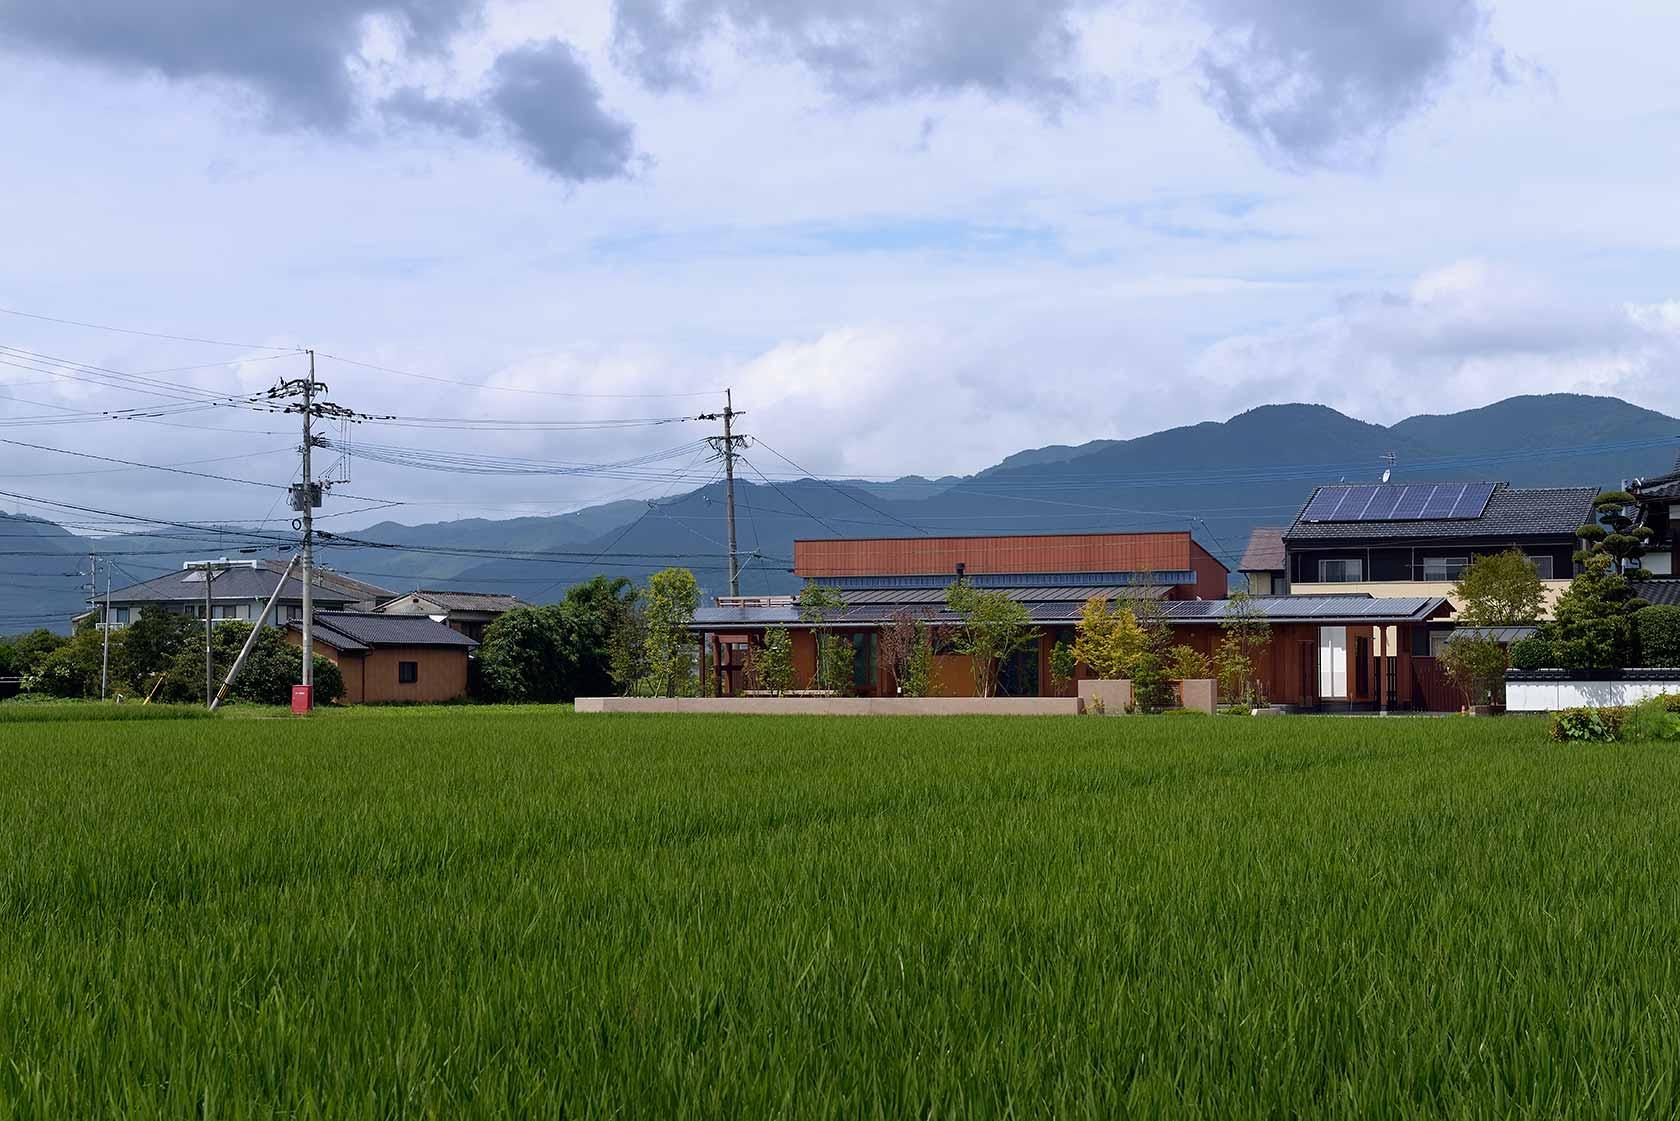 吉野ヶ里の家1-水田の中にたたずむ吉野ヶ里の家